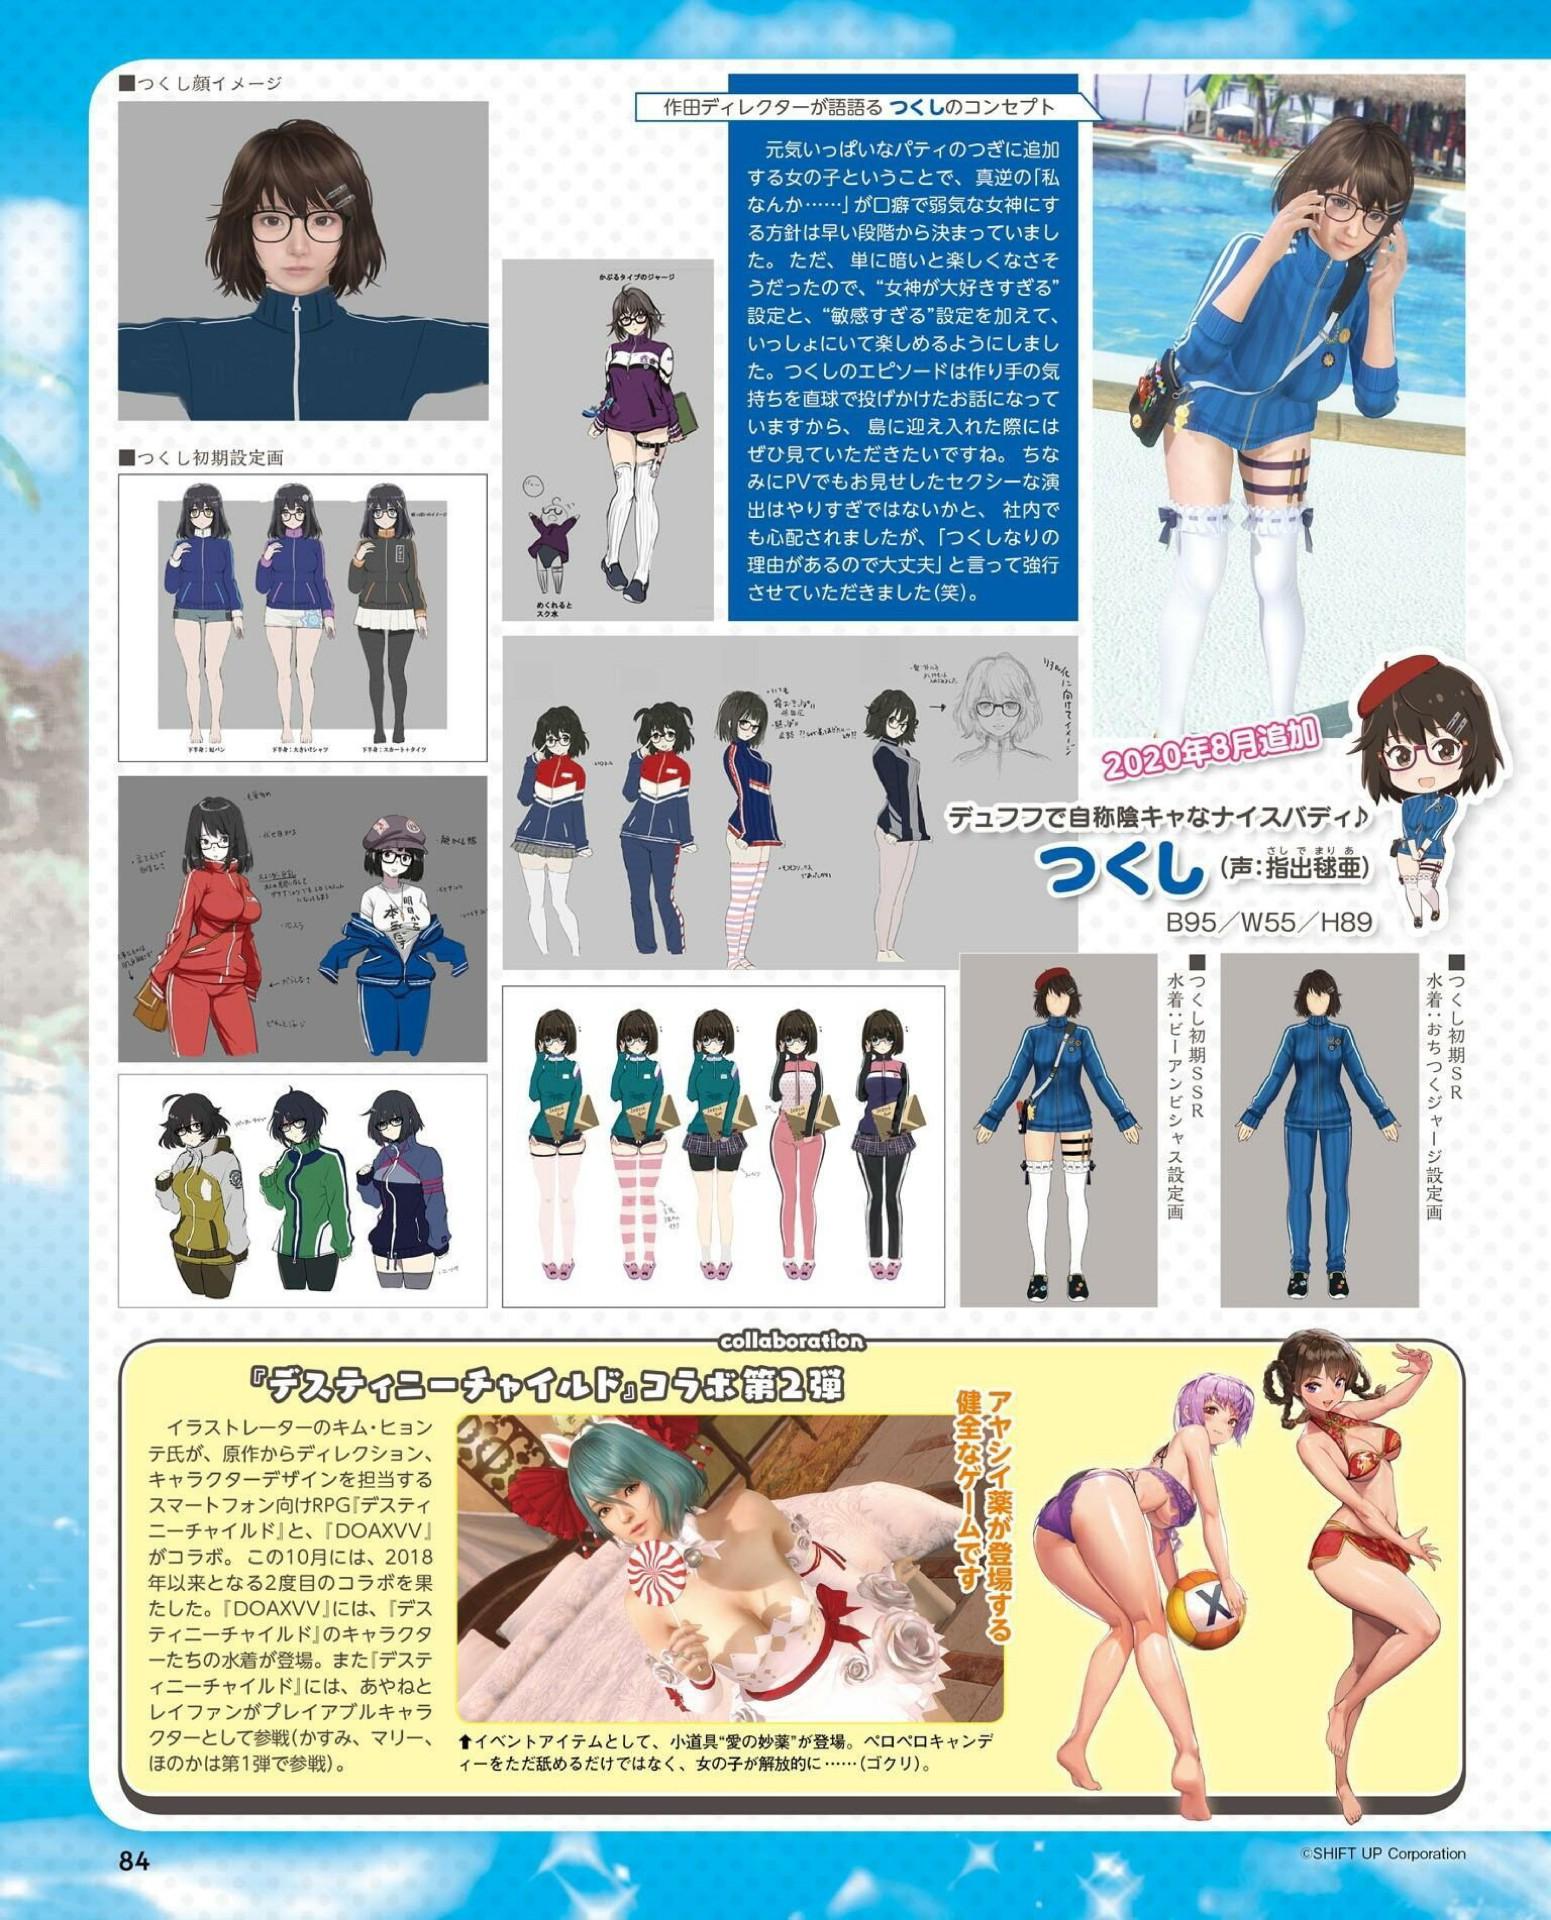 Weekly_Famitsu_2020-12-03_imgs-0086.jpg